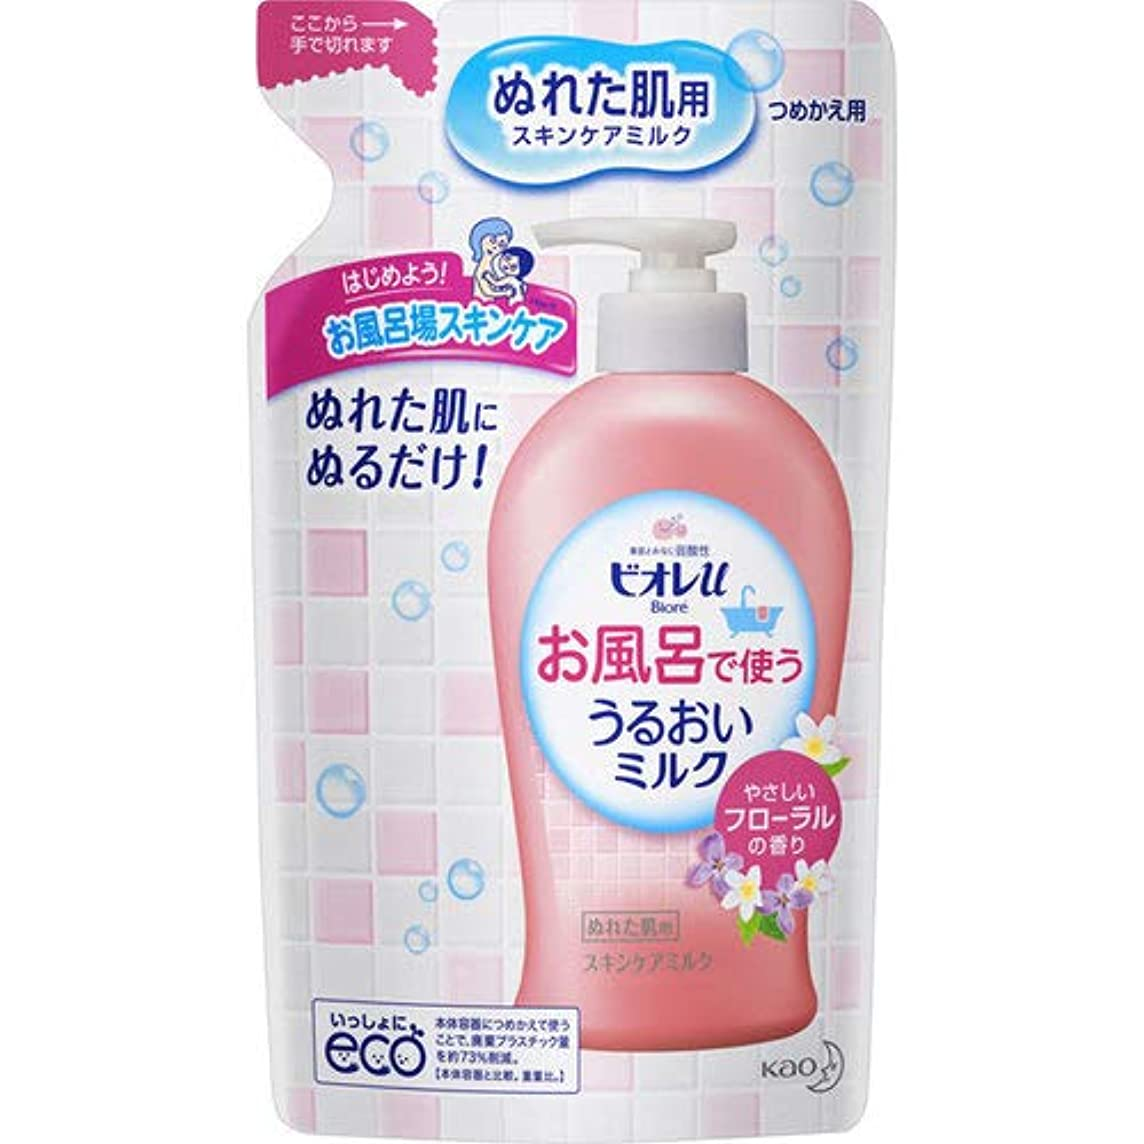 ペリスコープ戻す急降下ビオレu お風呂で使ううるおいミルク フローラル つめかえ用 250mL